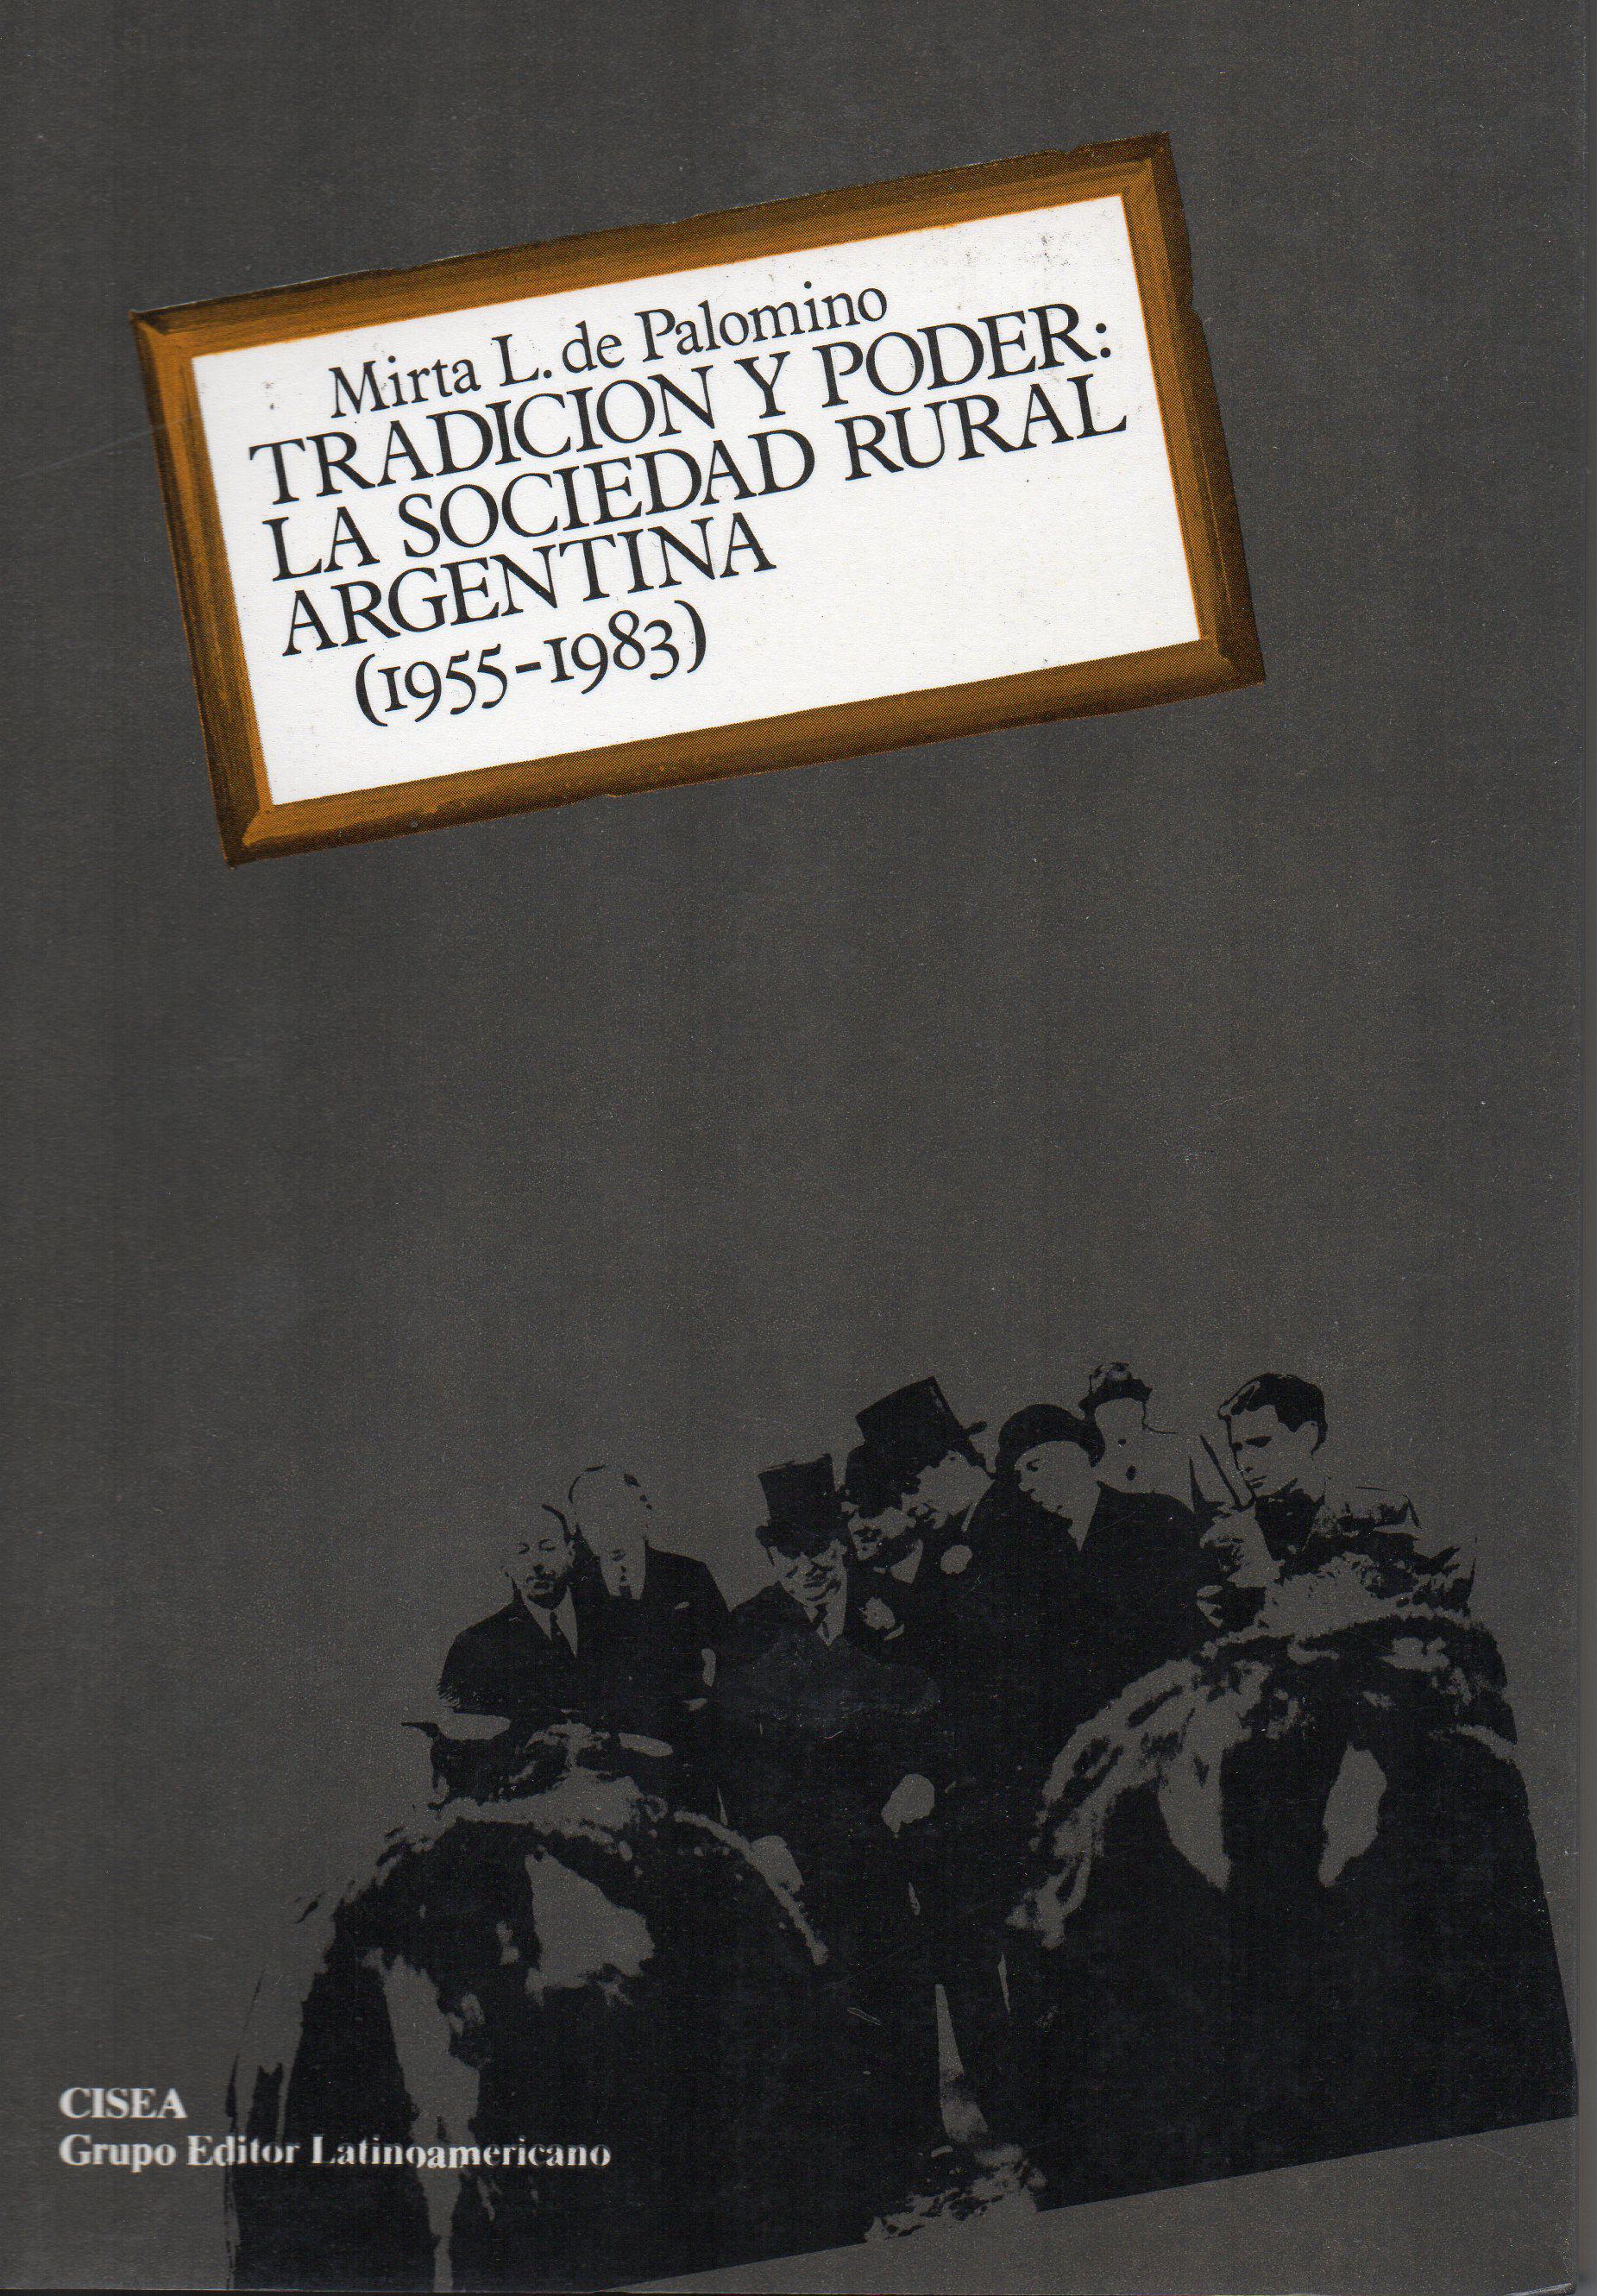 Tradición y poder: la Sociedad Rural Argentina (1955-1983)  by  Mirta L. de Palomino